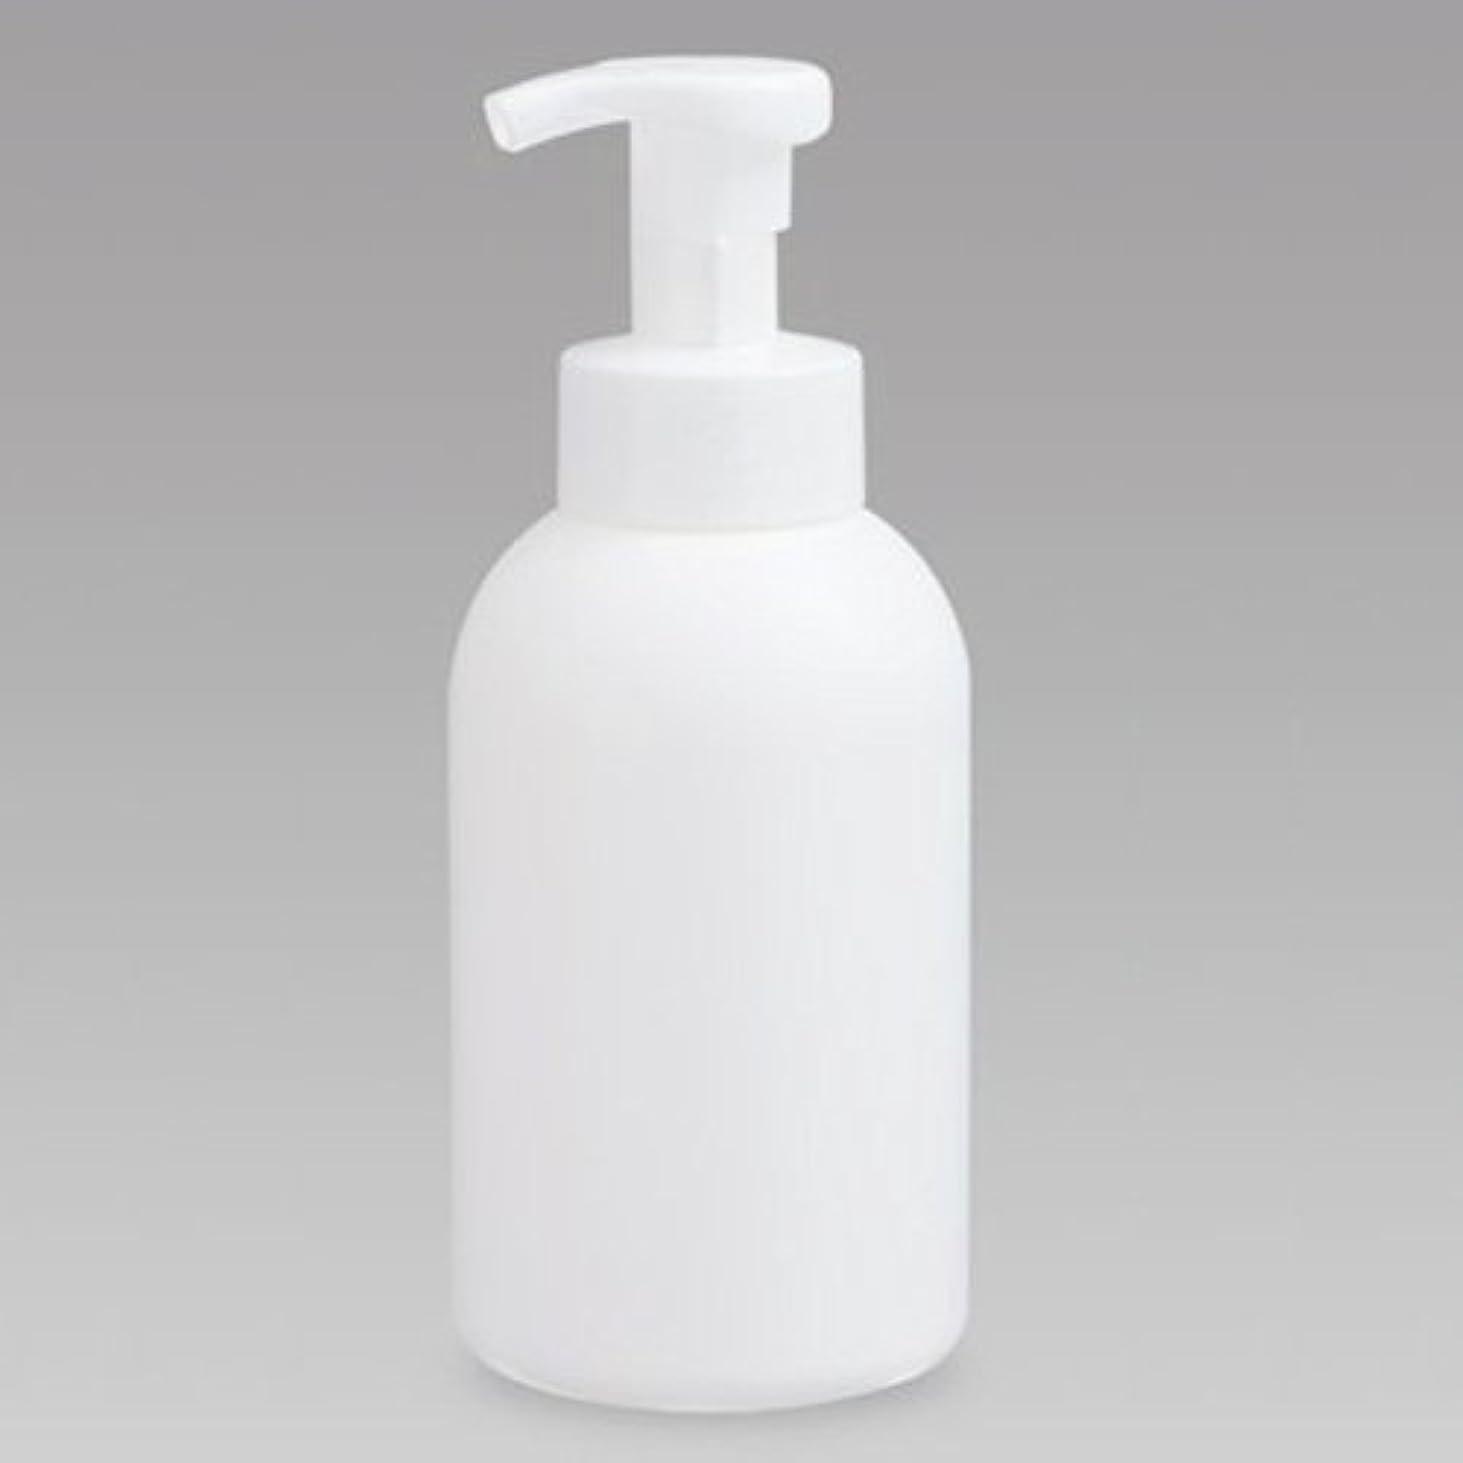 ビートデコードするブラインド泡ボトル 泡ポンプボトル 500mL(PE) ホワイト 詰め替え 詰替 泡ハンドソープ 全身石鹸 ボディソープ 洗顔フォーム